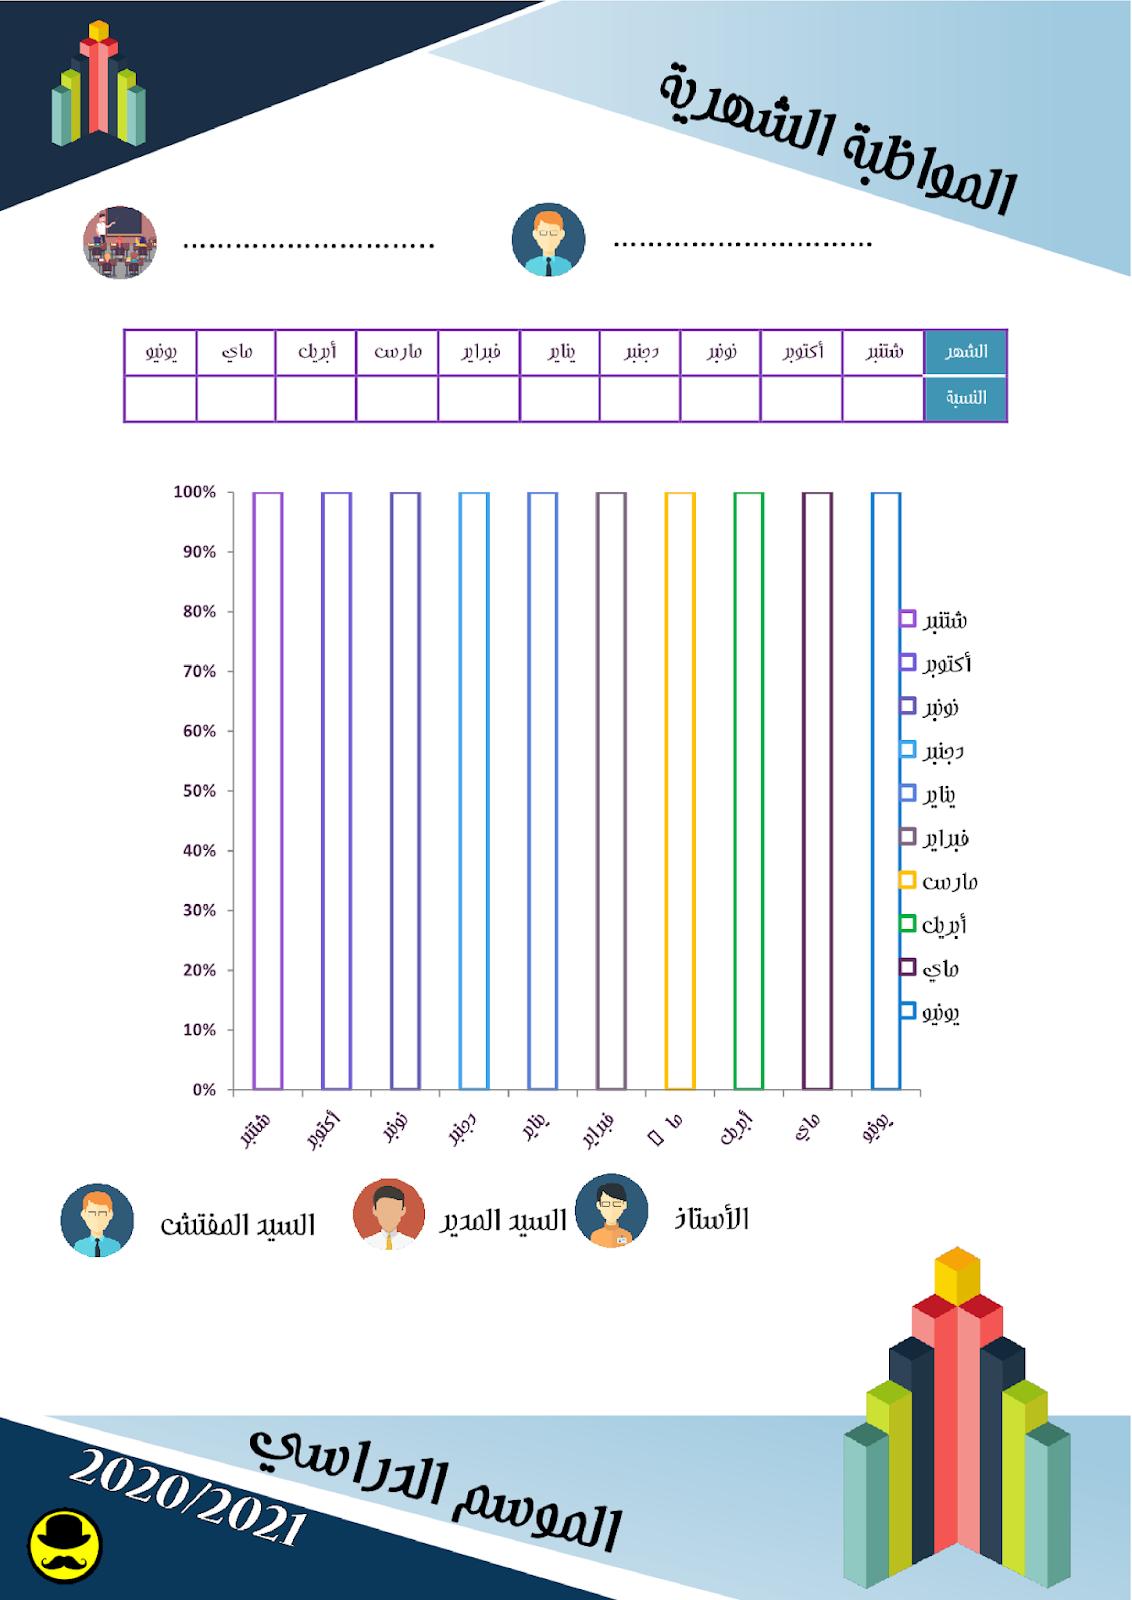 المواظبة الشهرية - الموسم الدراسي 2021/2020